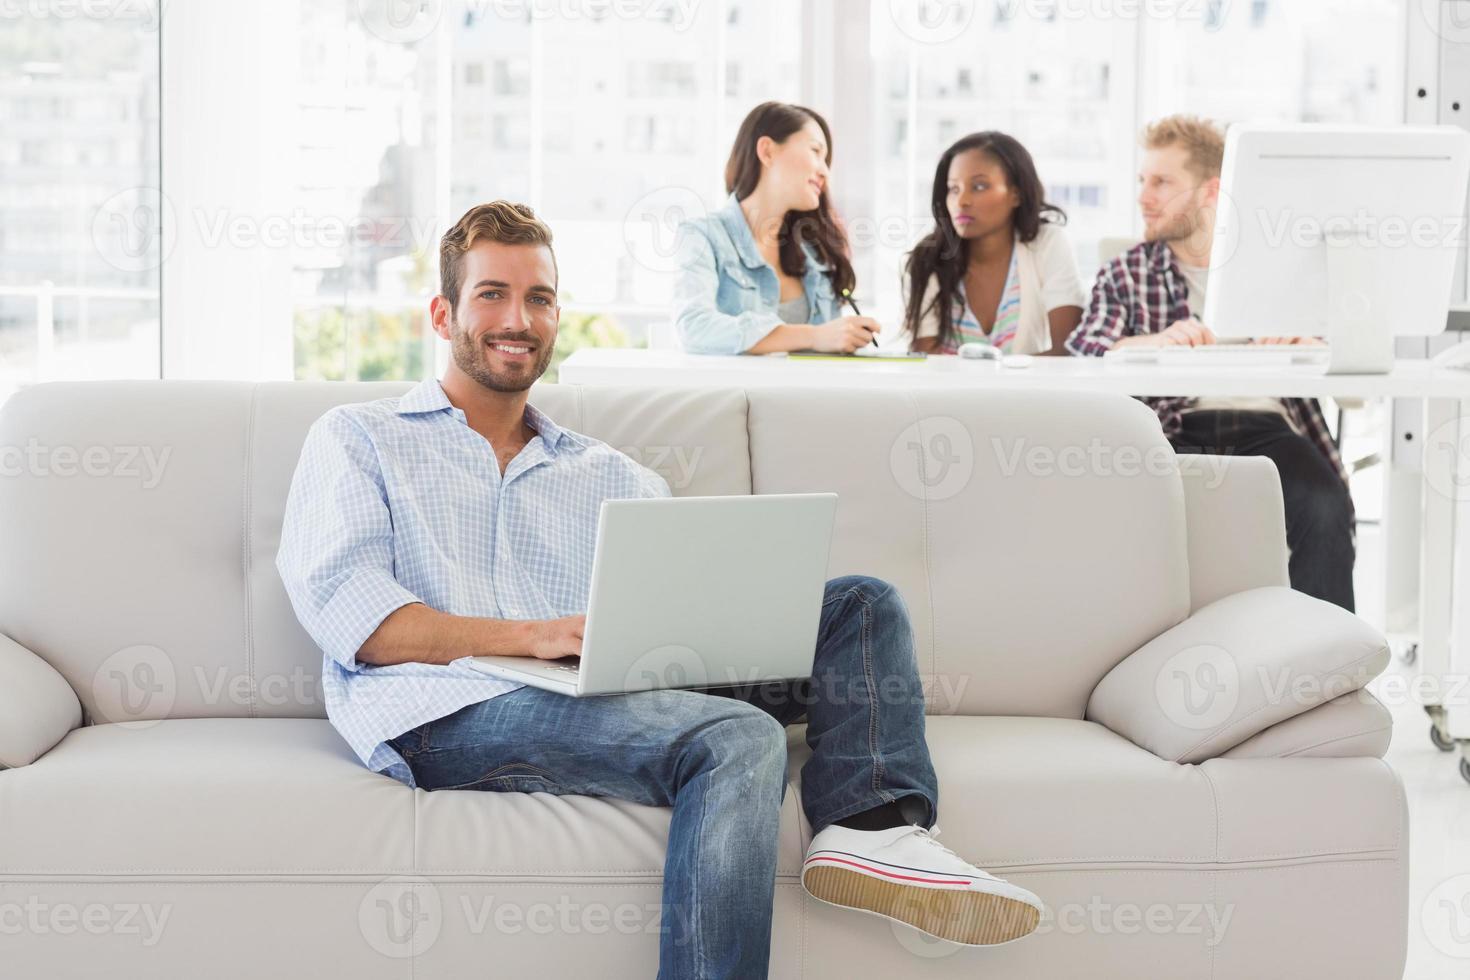 jeune designer souriant travaillant sur son ordinateur portable sur le canapé photo